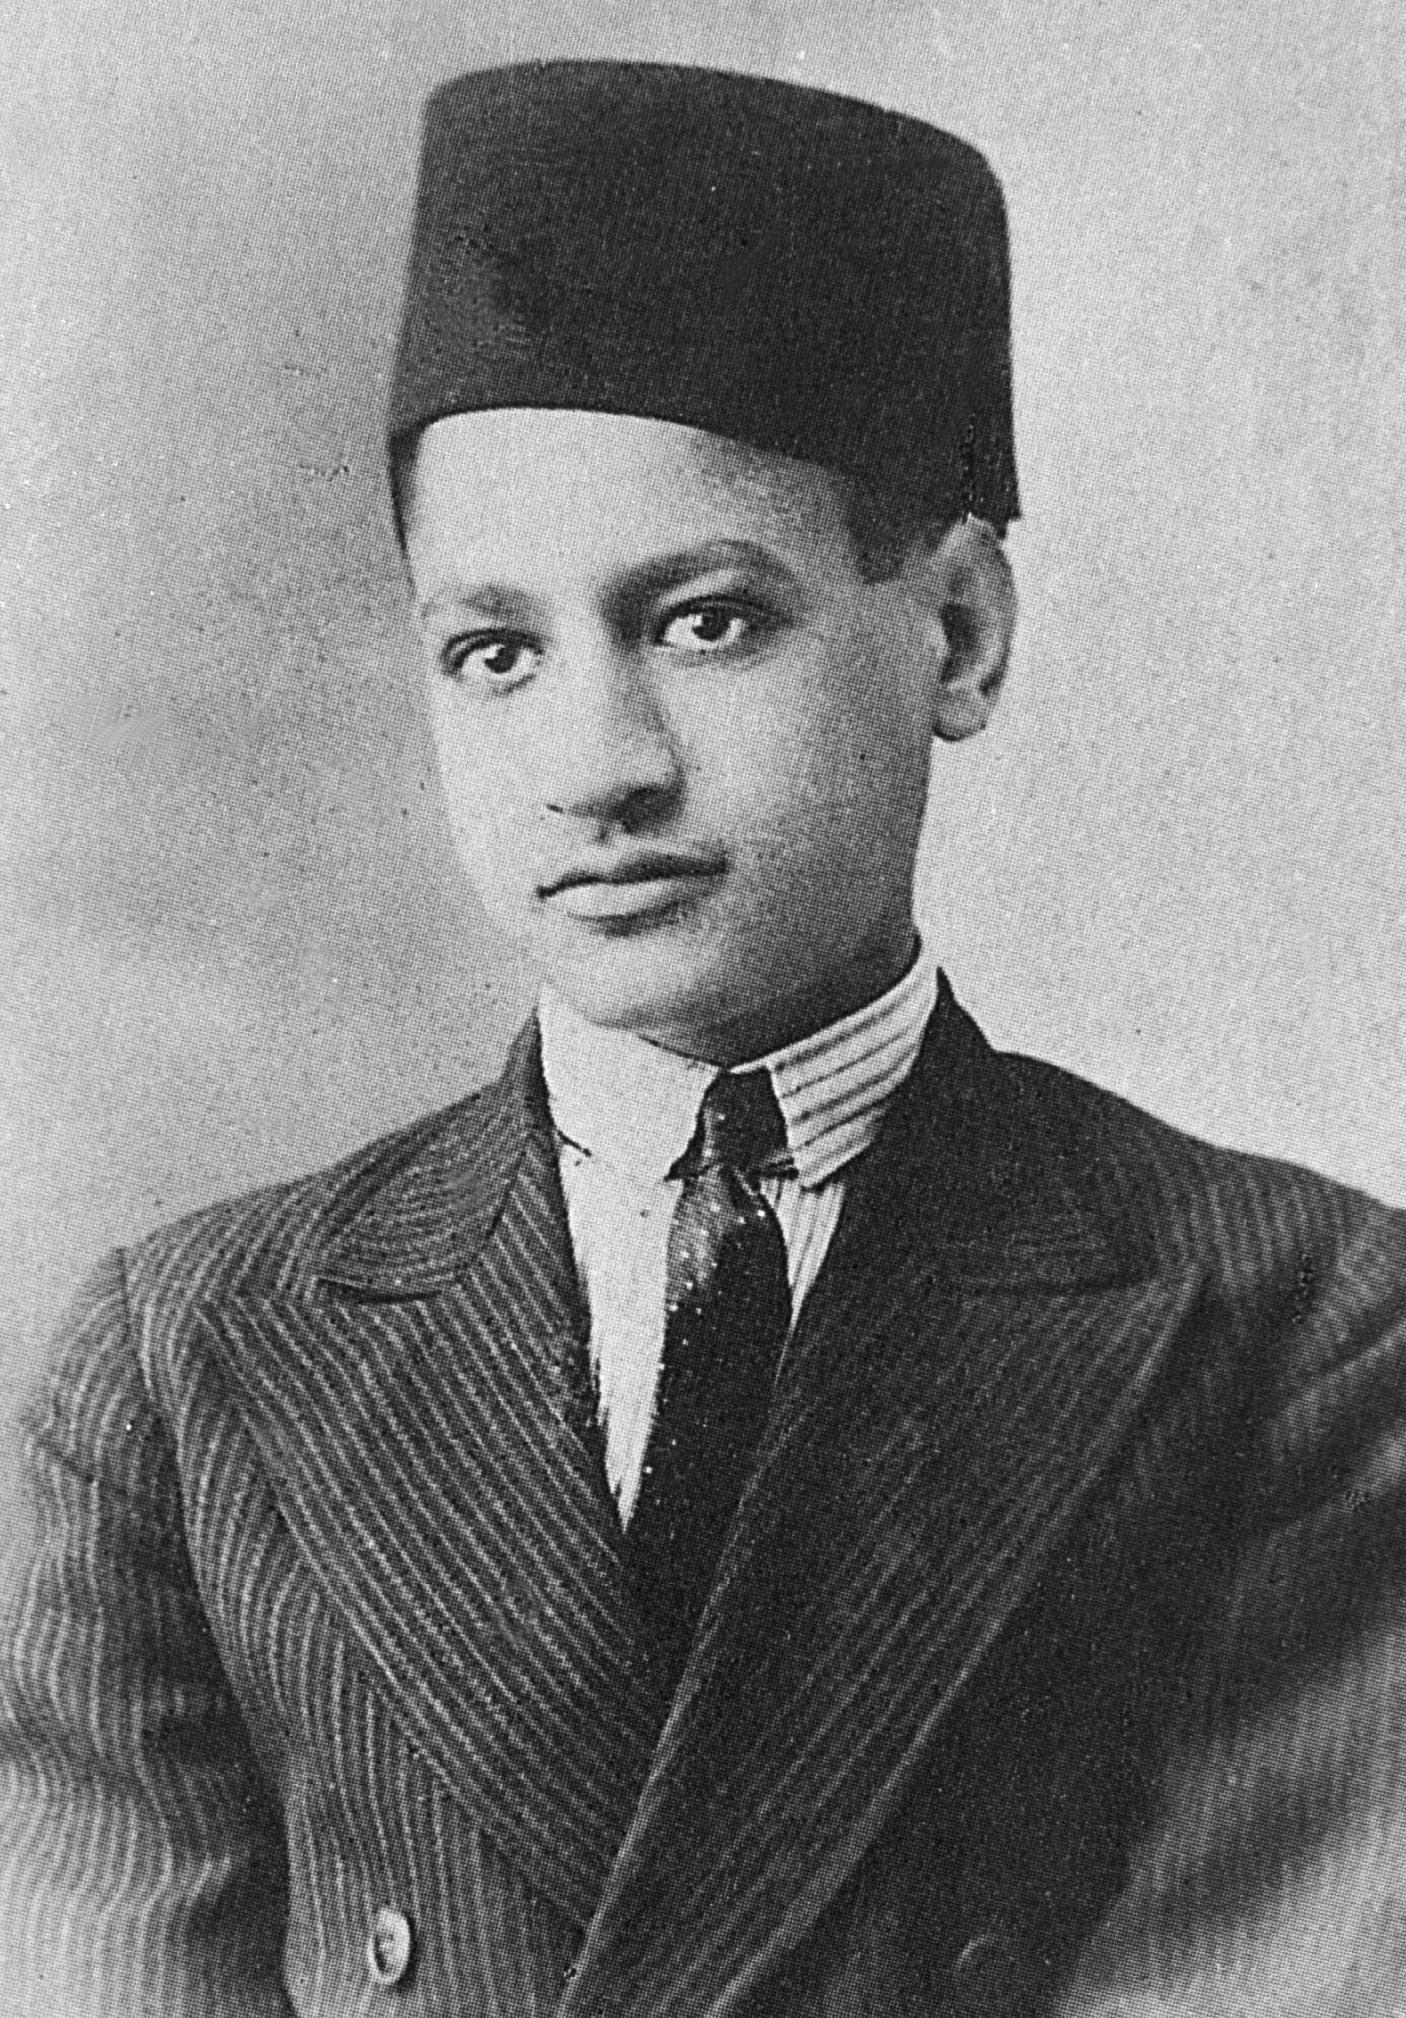 جمال عبد الناصر في صورة يعود تاريخها لعام 1931